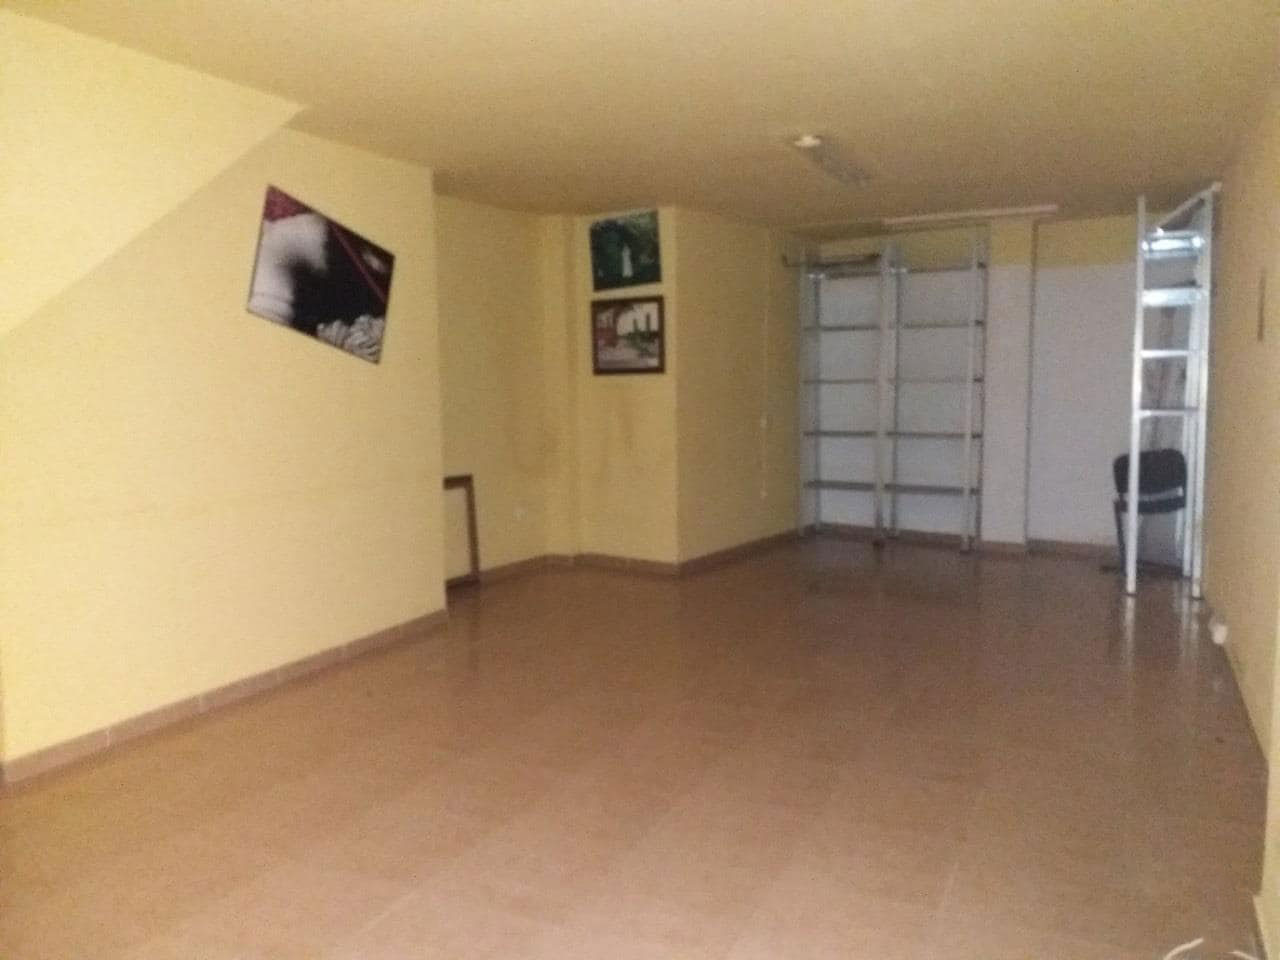 Piso en venta en Piso en Huércal de Almería, Almería, 142.891 €, 3 habitaciones, 1 baño, 166 m2